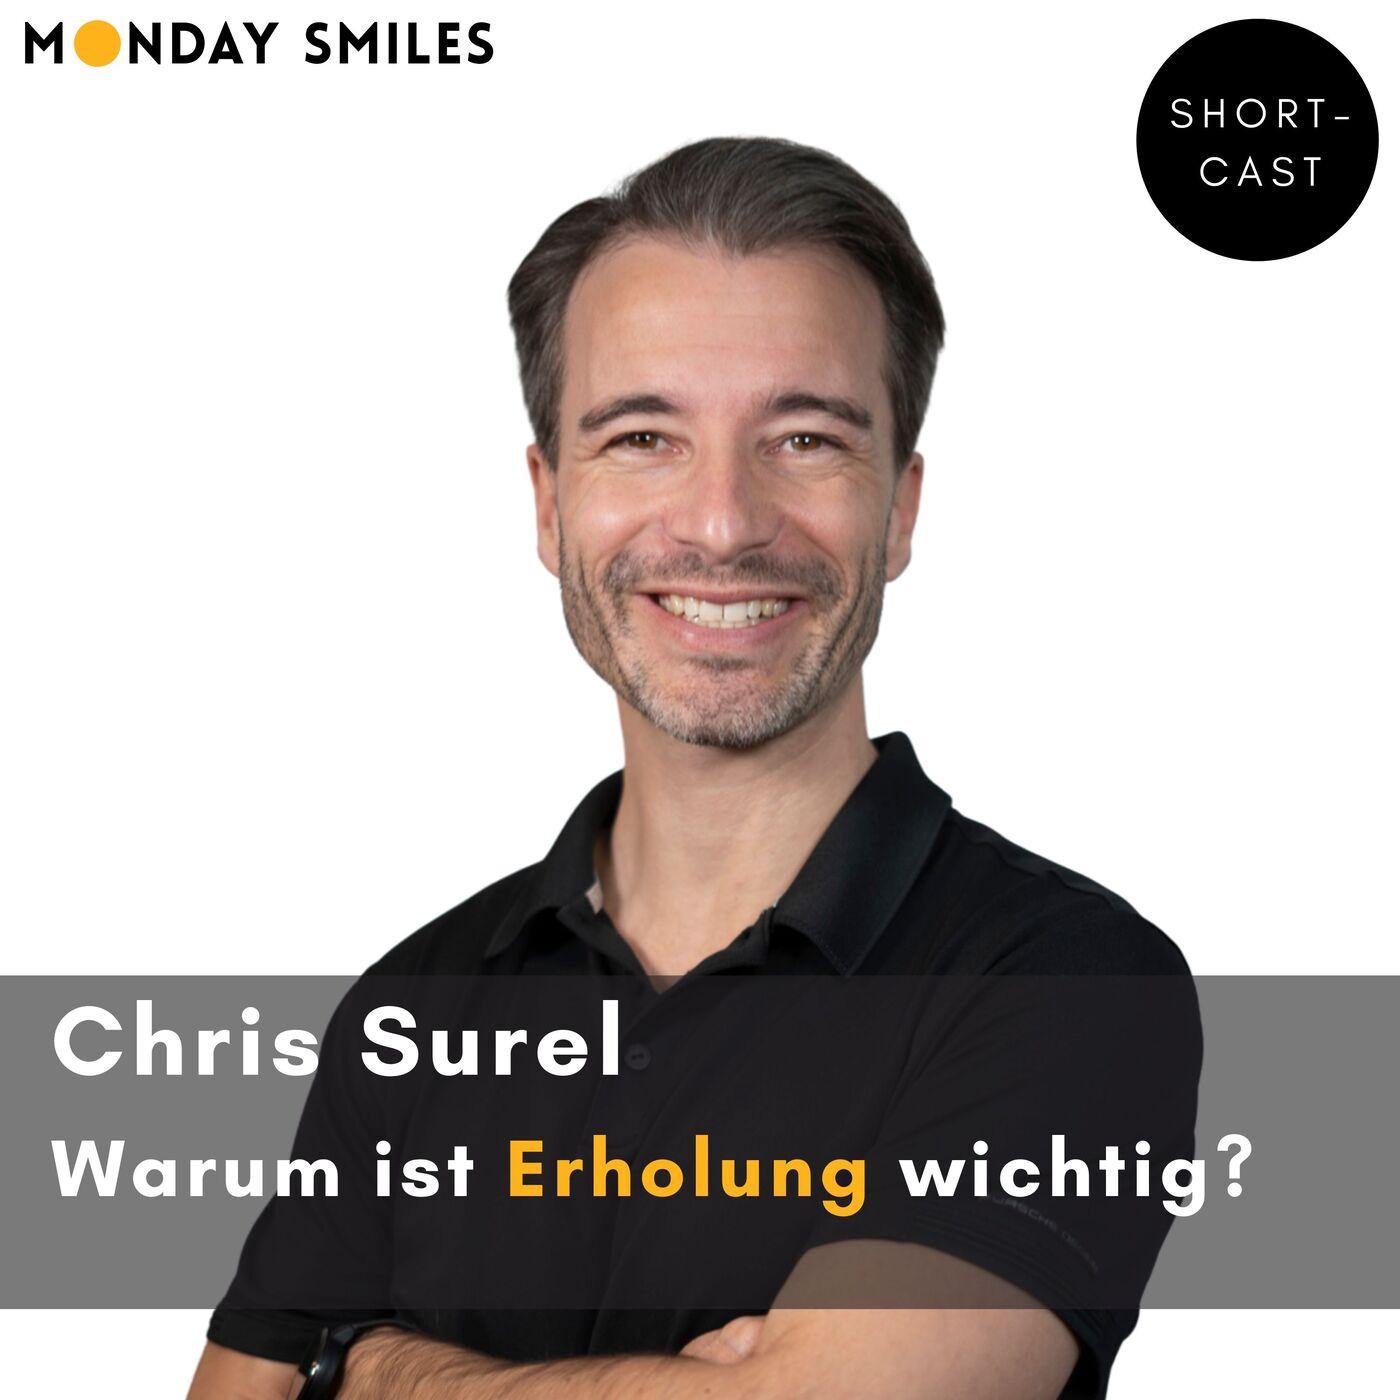 17 - Shortcast: Chris, was müssen wir über Erholung wissen?